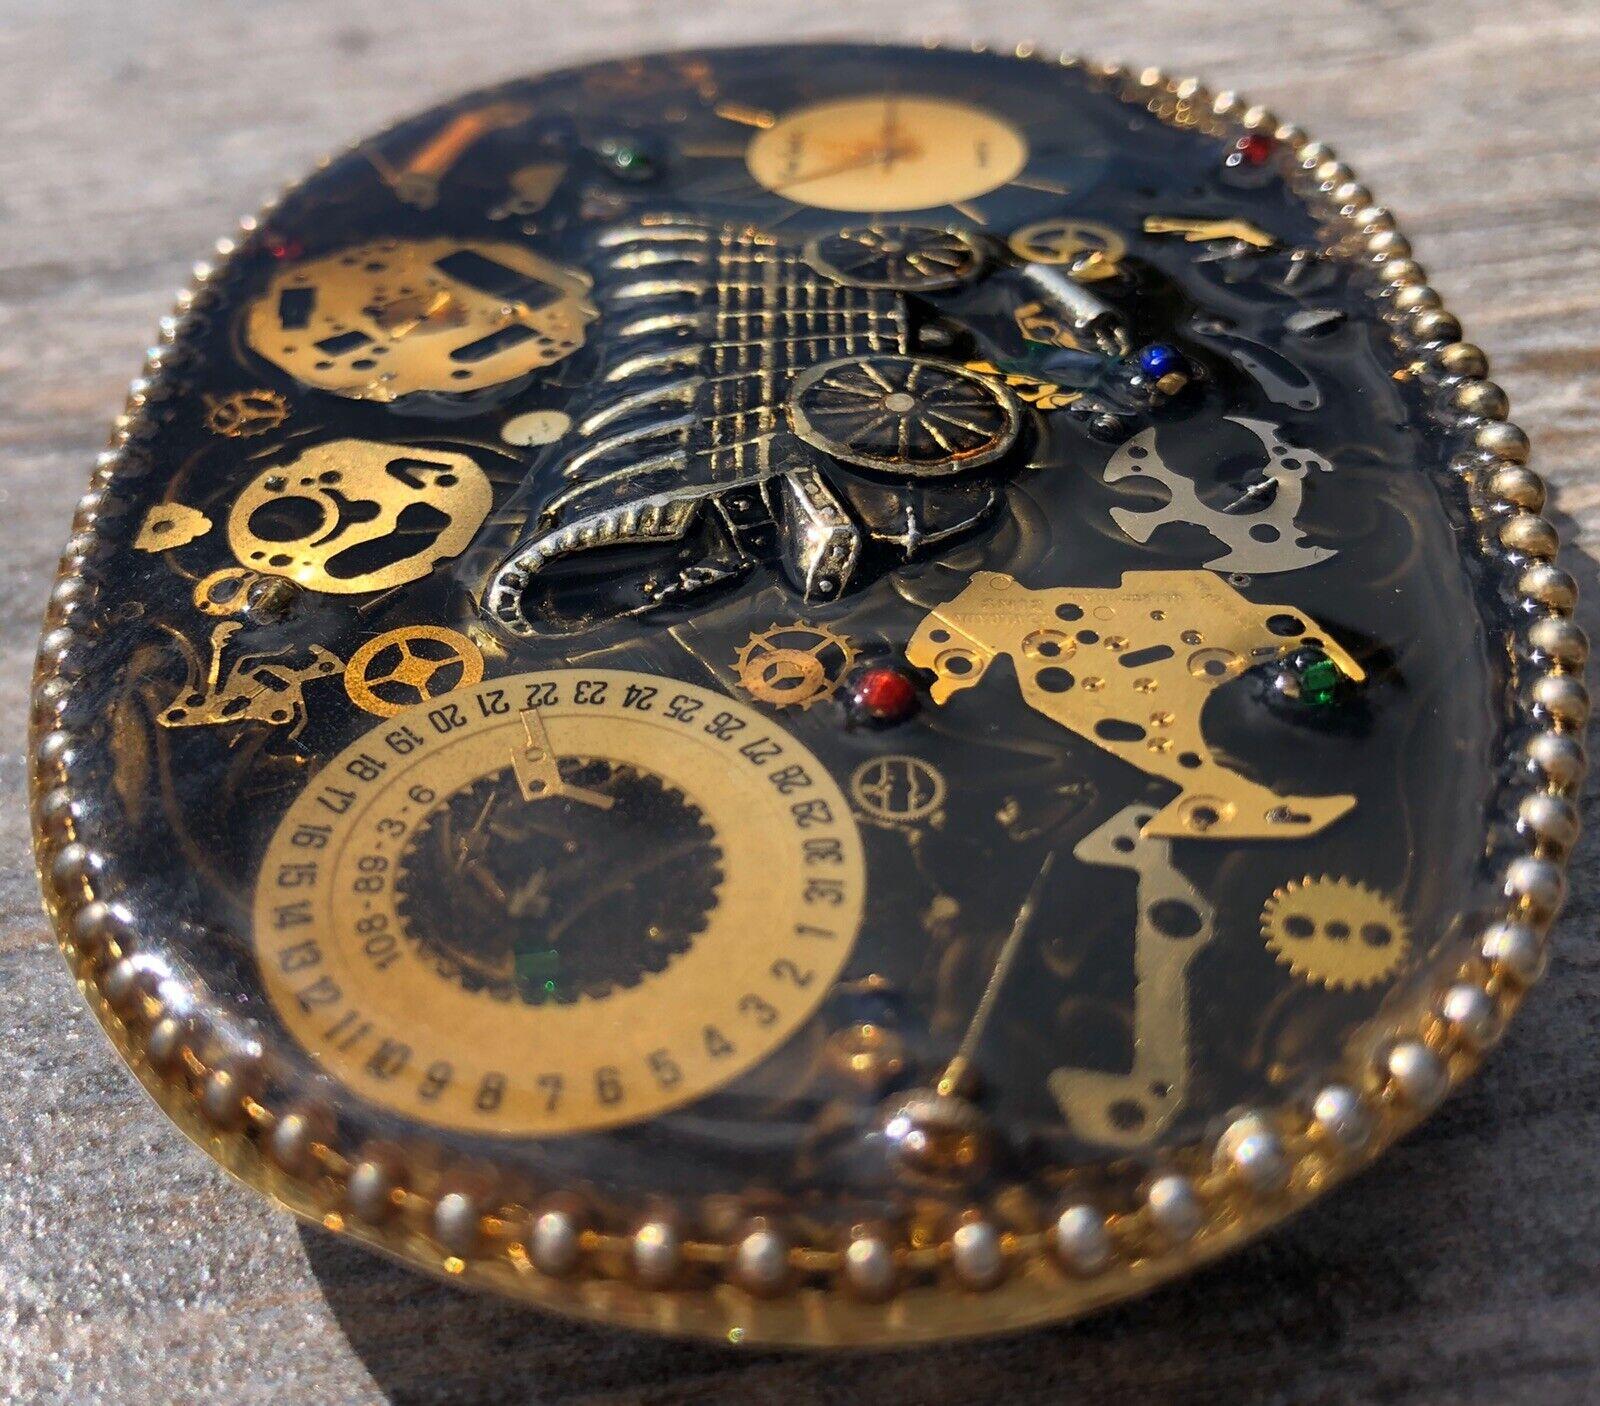 Steampunk Timepiece Vintage Brass Clock Mechanism or Movement Salvage Chic